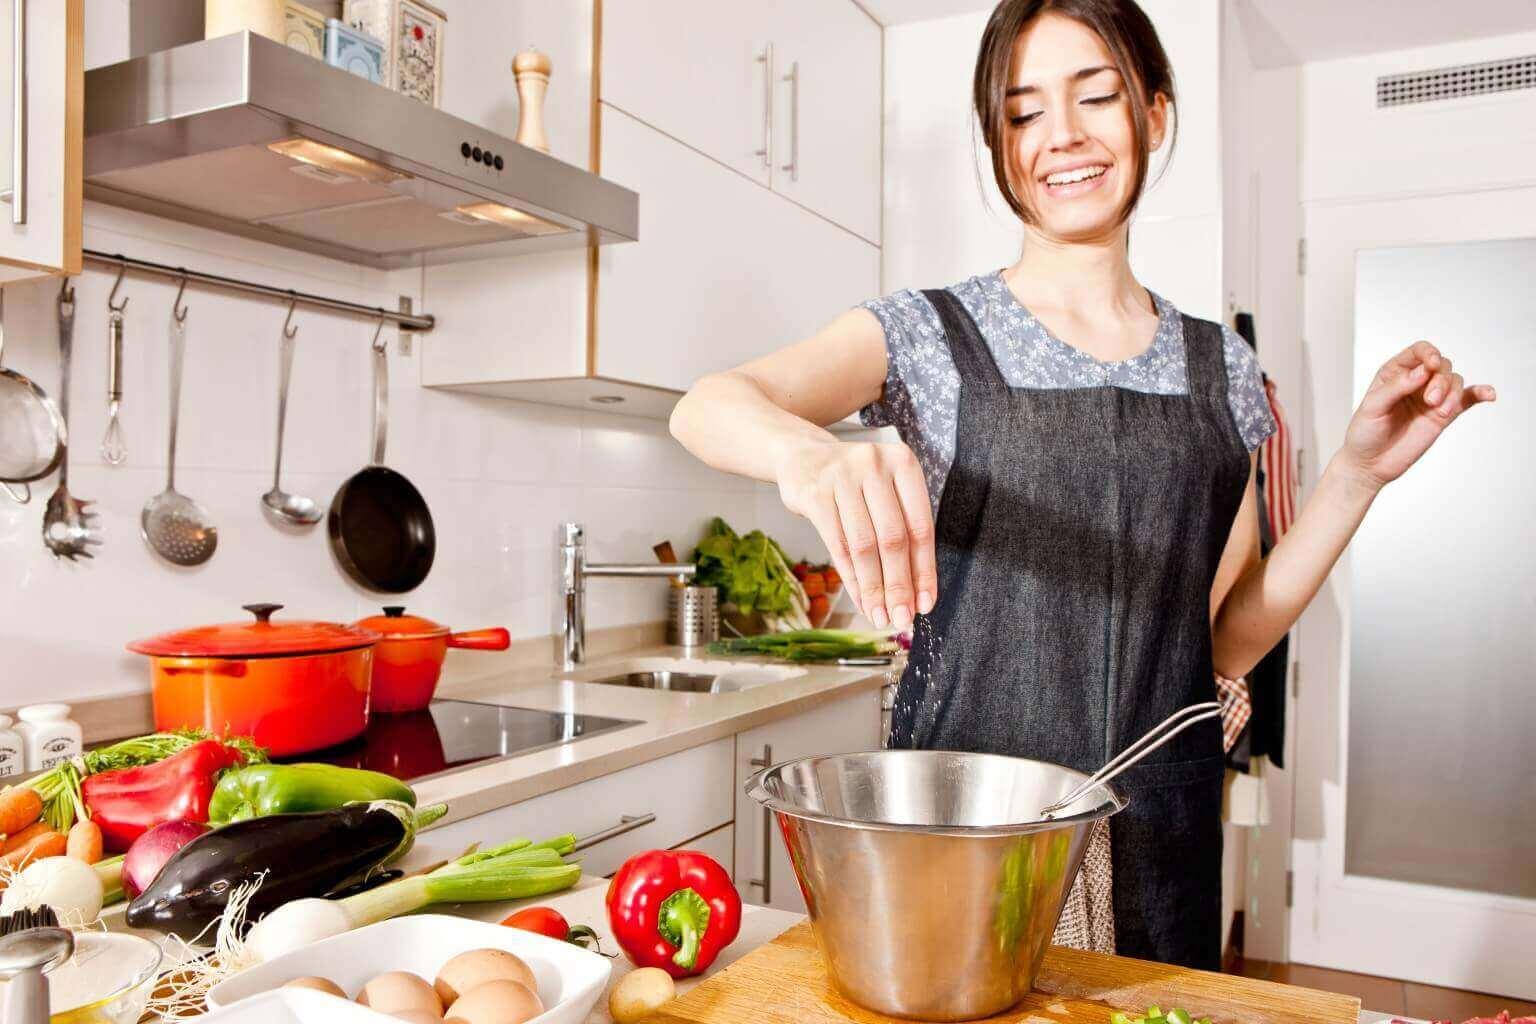 αποτοξινώσετε το σώμα σας - γυναικα στην κουζινα